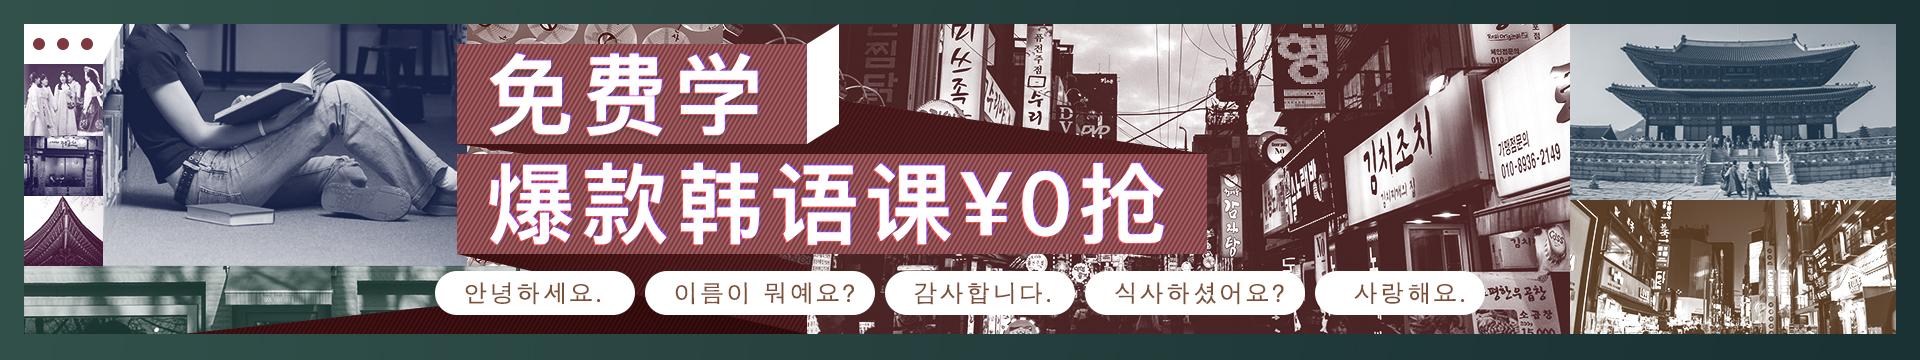 0元学韩语好课免费领